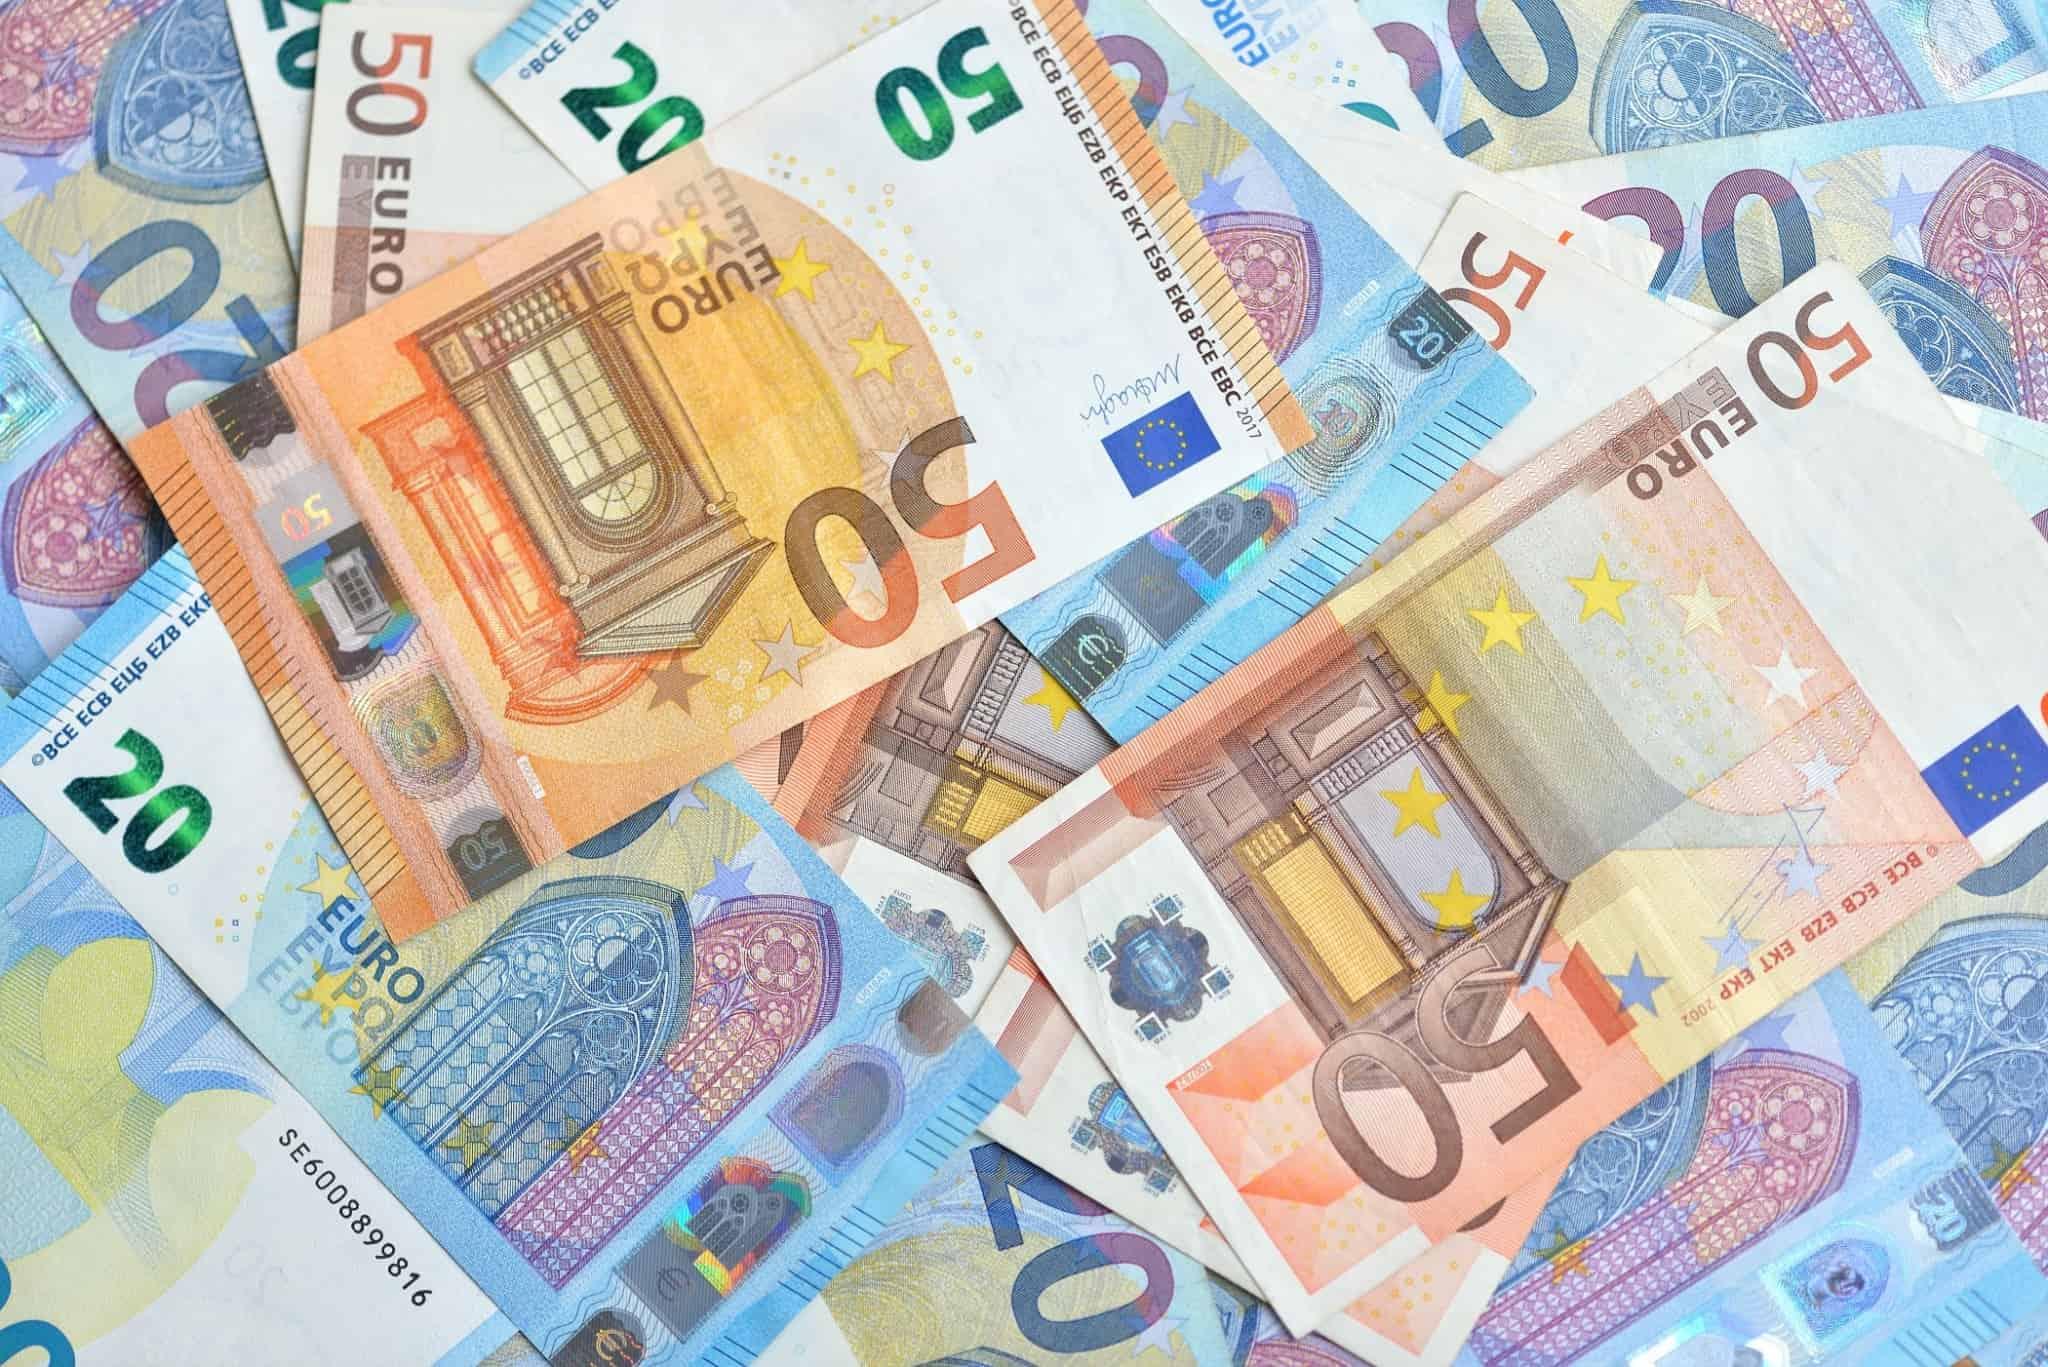 notas de vinte euros e notas de cinquenta euros